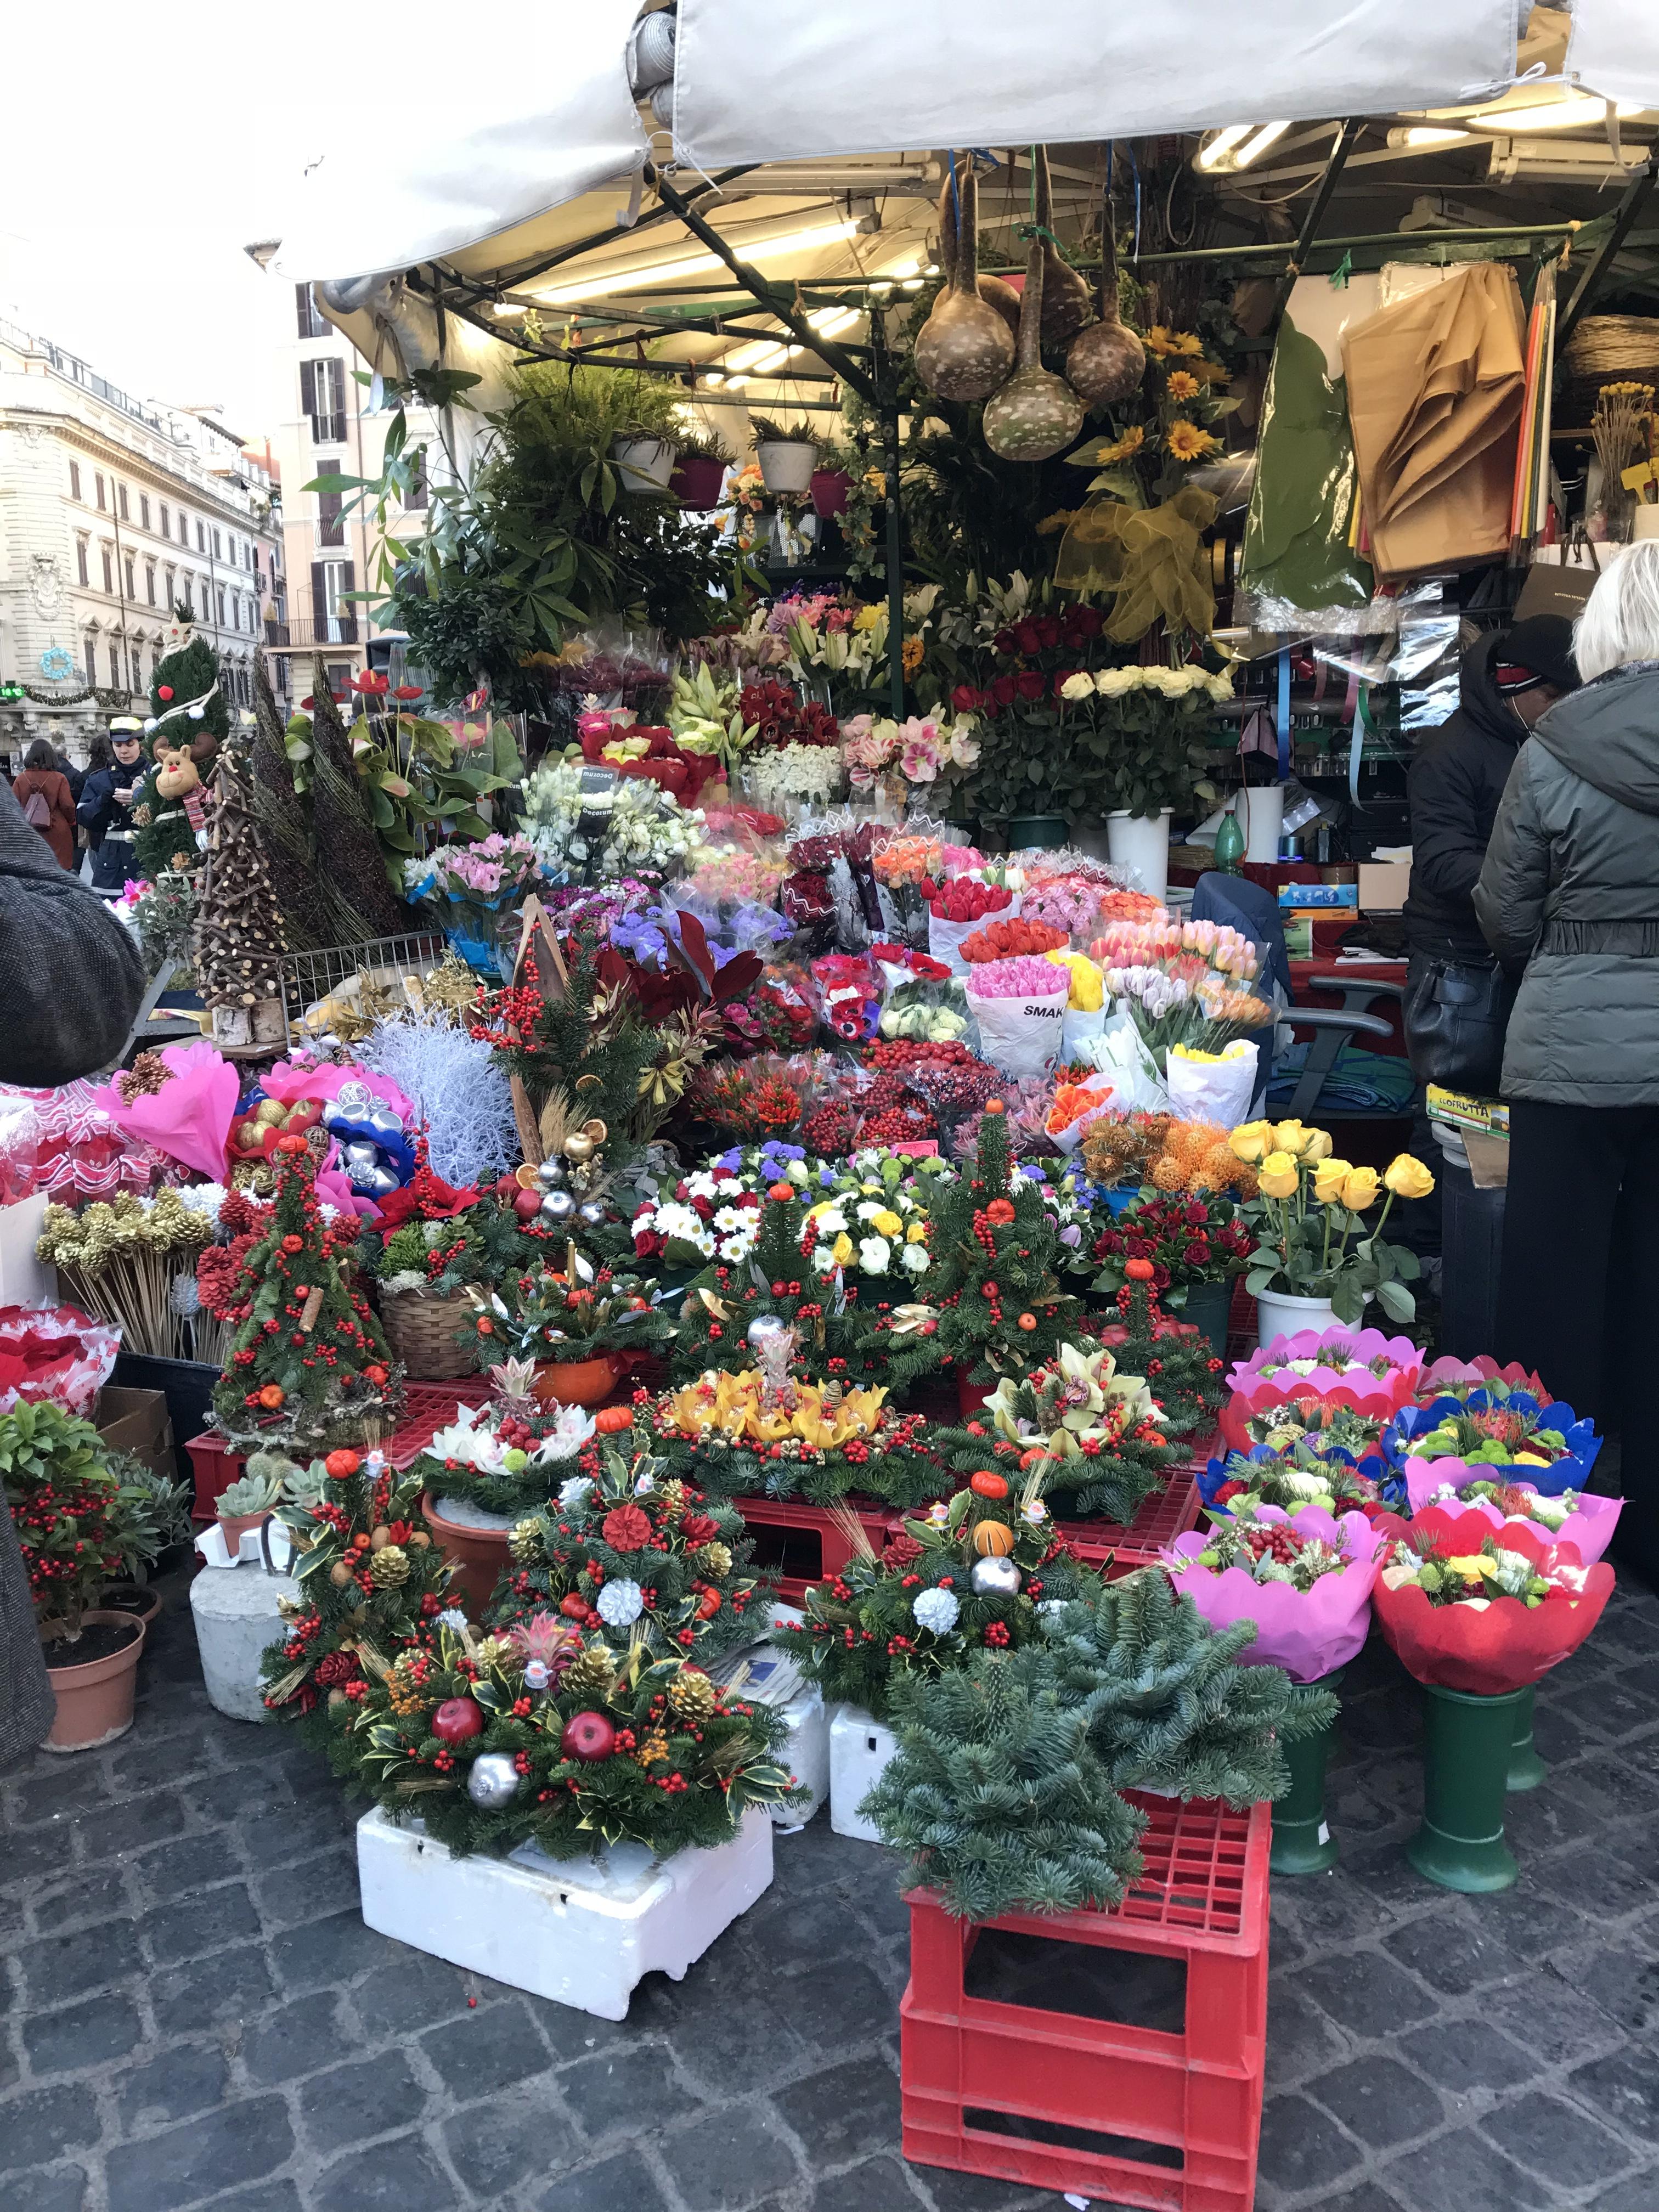 ローマ ローマのクリスマスの装飾 2017年12月